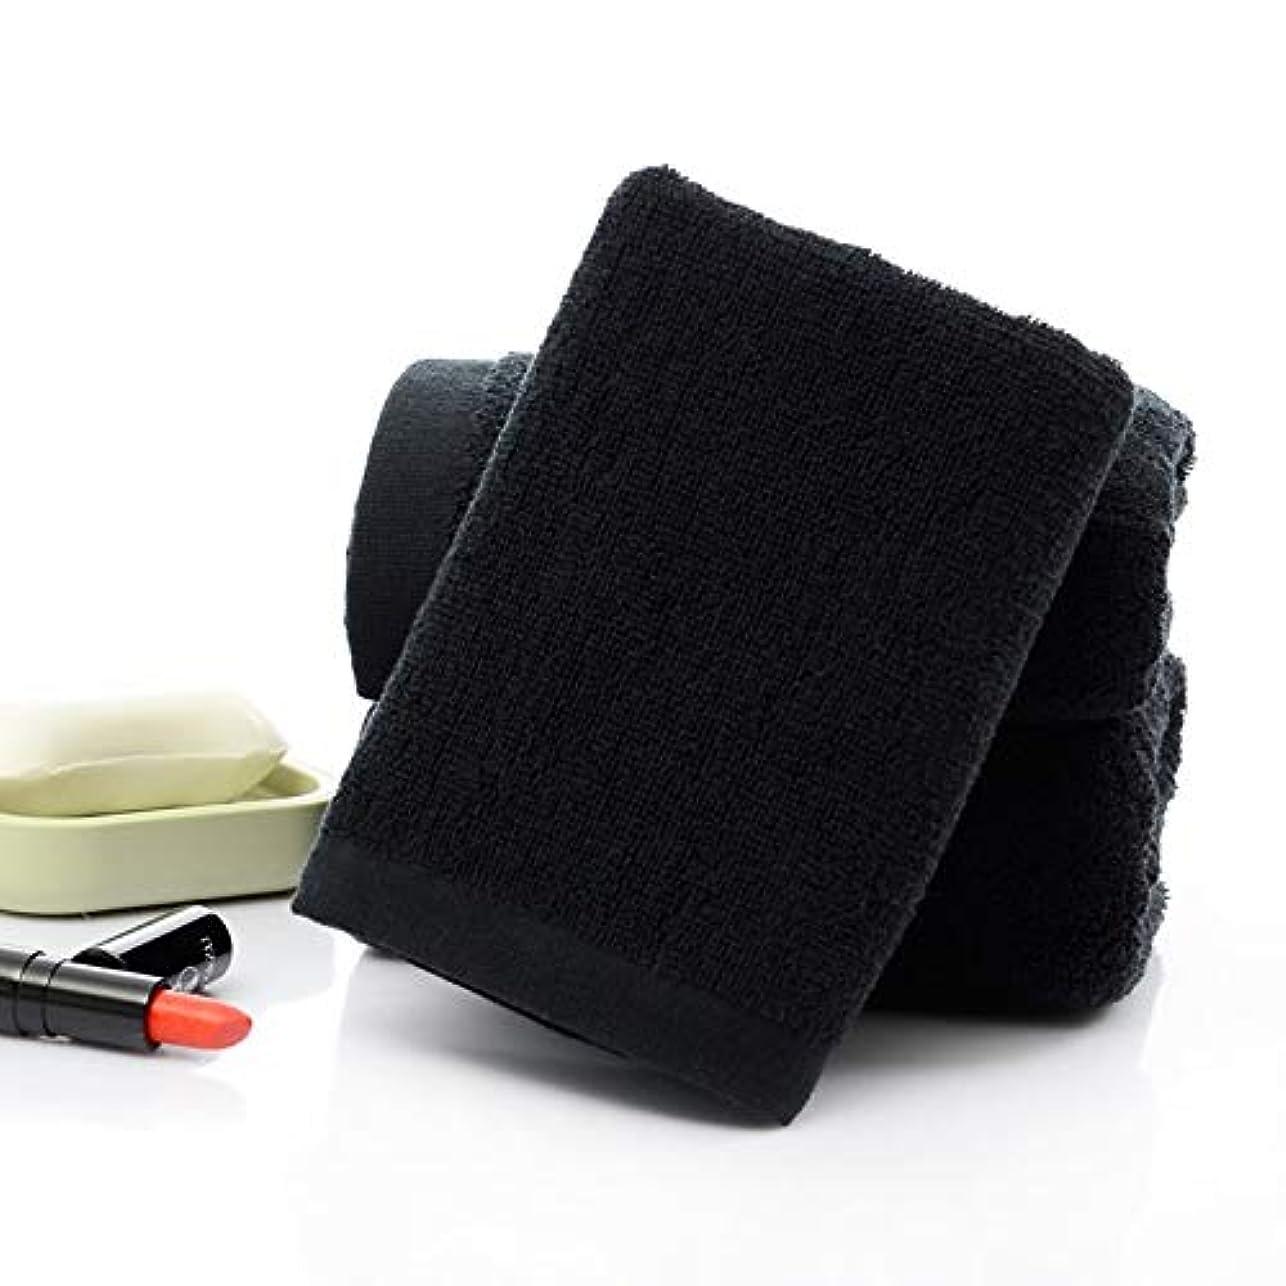 ペチュランス該当する寄付するMaxcrestas - 35 * 75センチメートル魅力の女性の大人のための黒タオルソリッドコットンフェイスタオルホテルのバスルーム美容院ホーム乾燥ソフト手ぬぐい